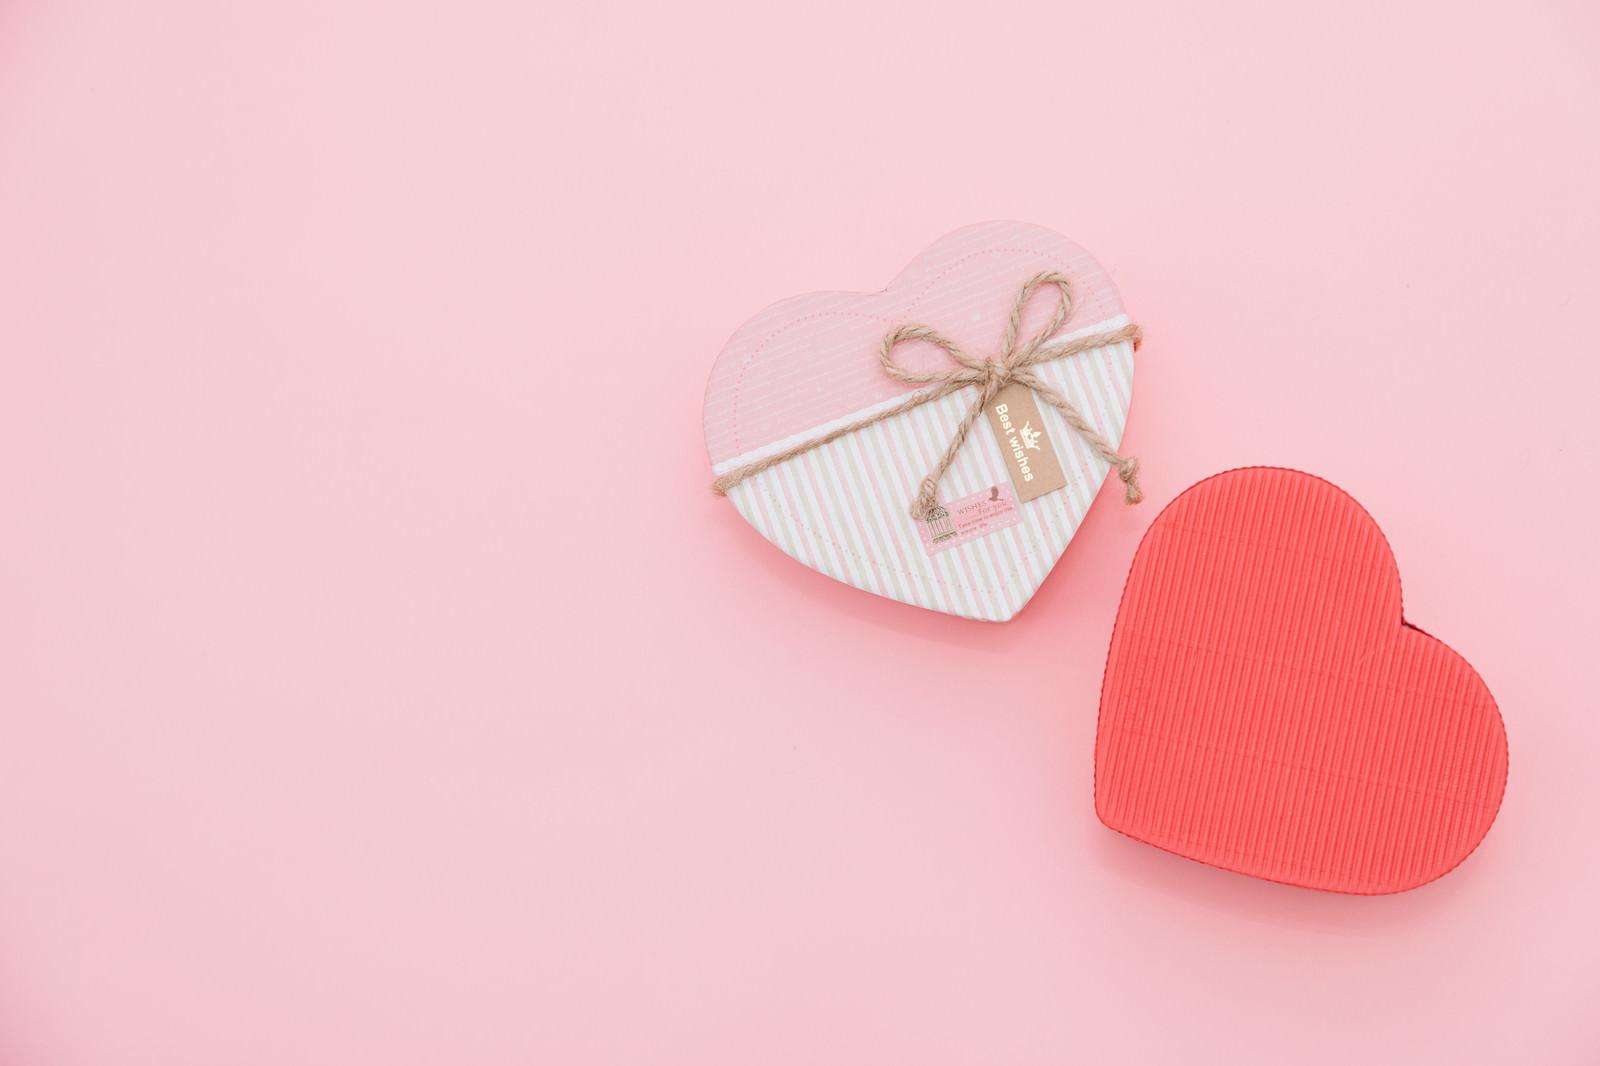 「恋が叶う」の写真